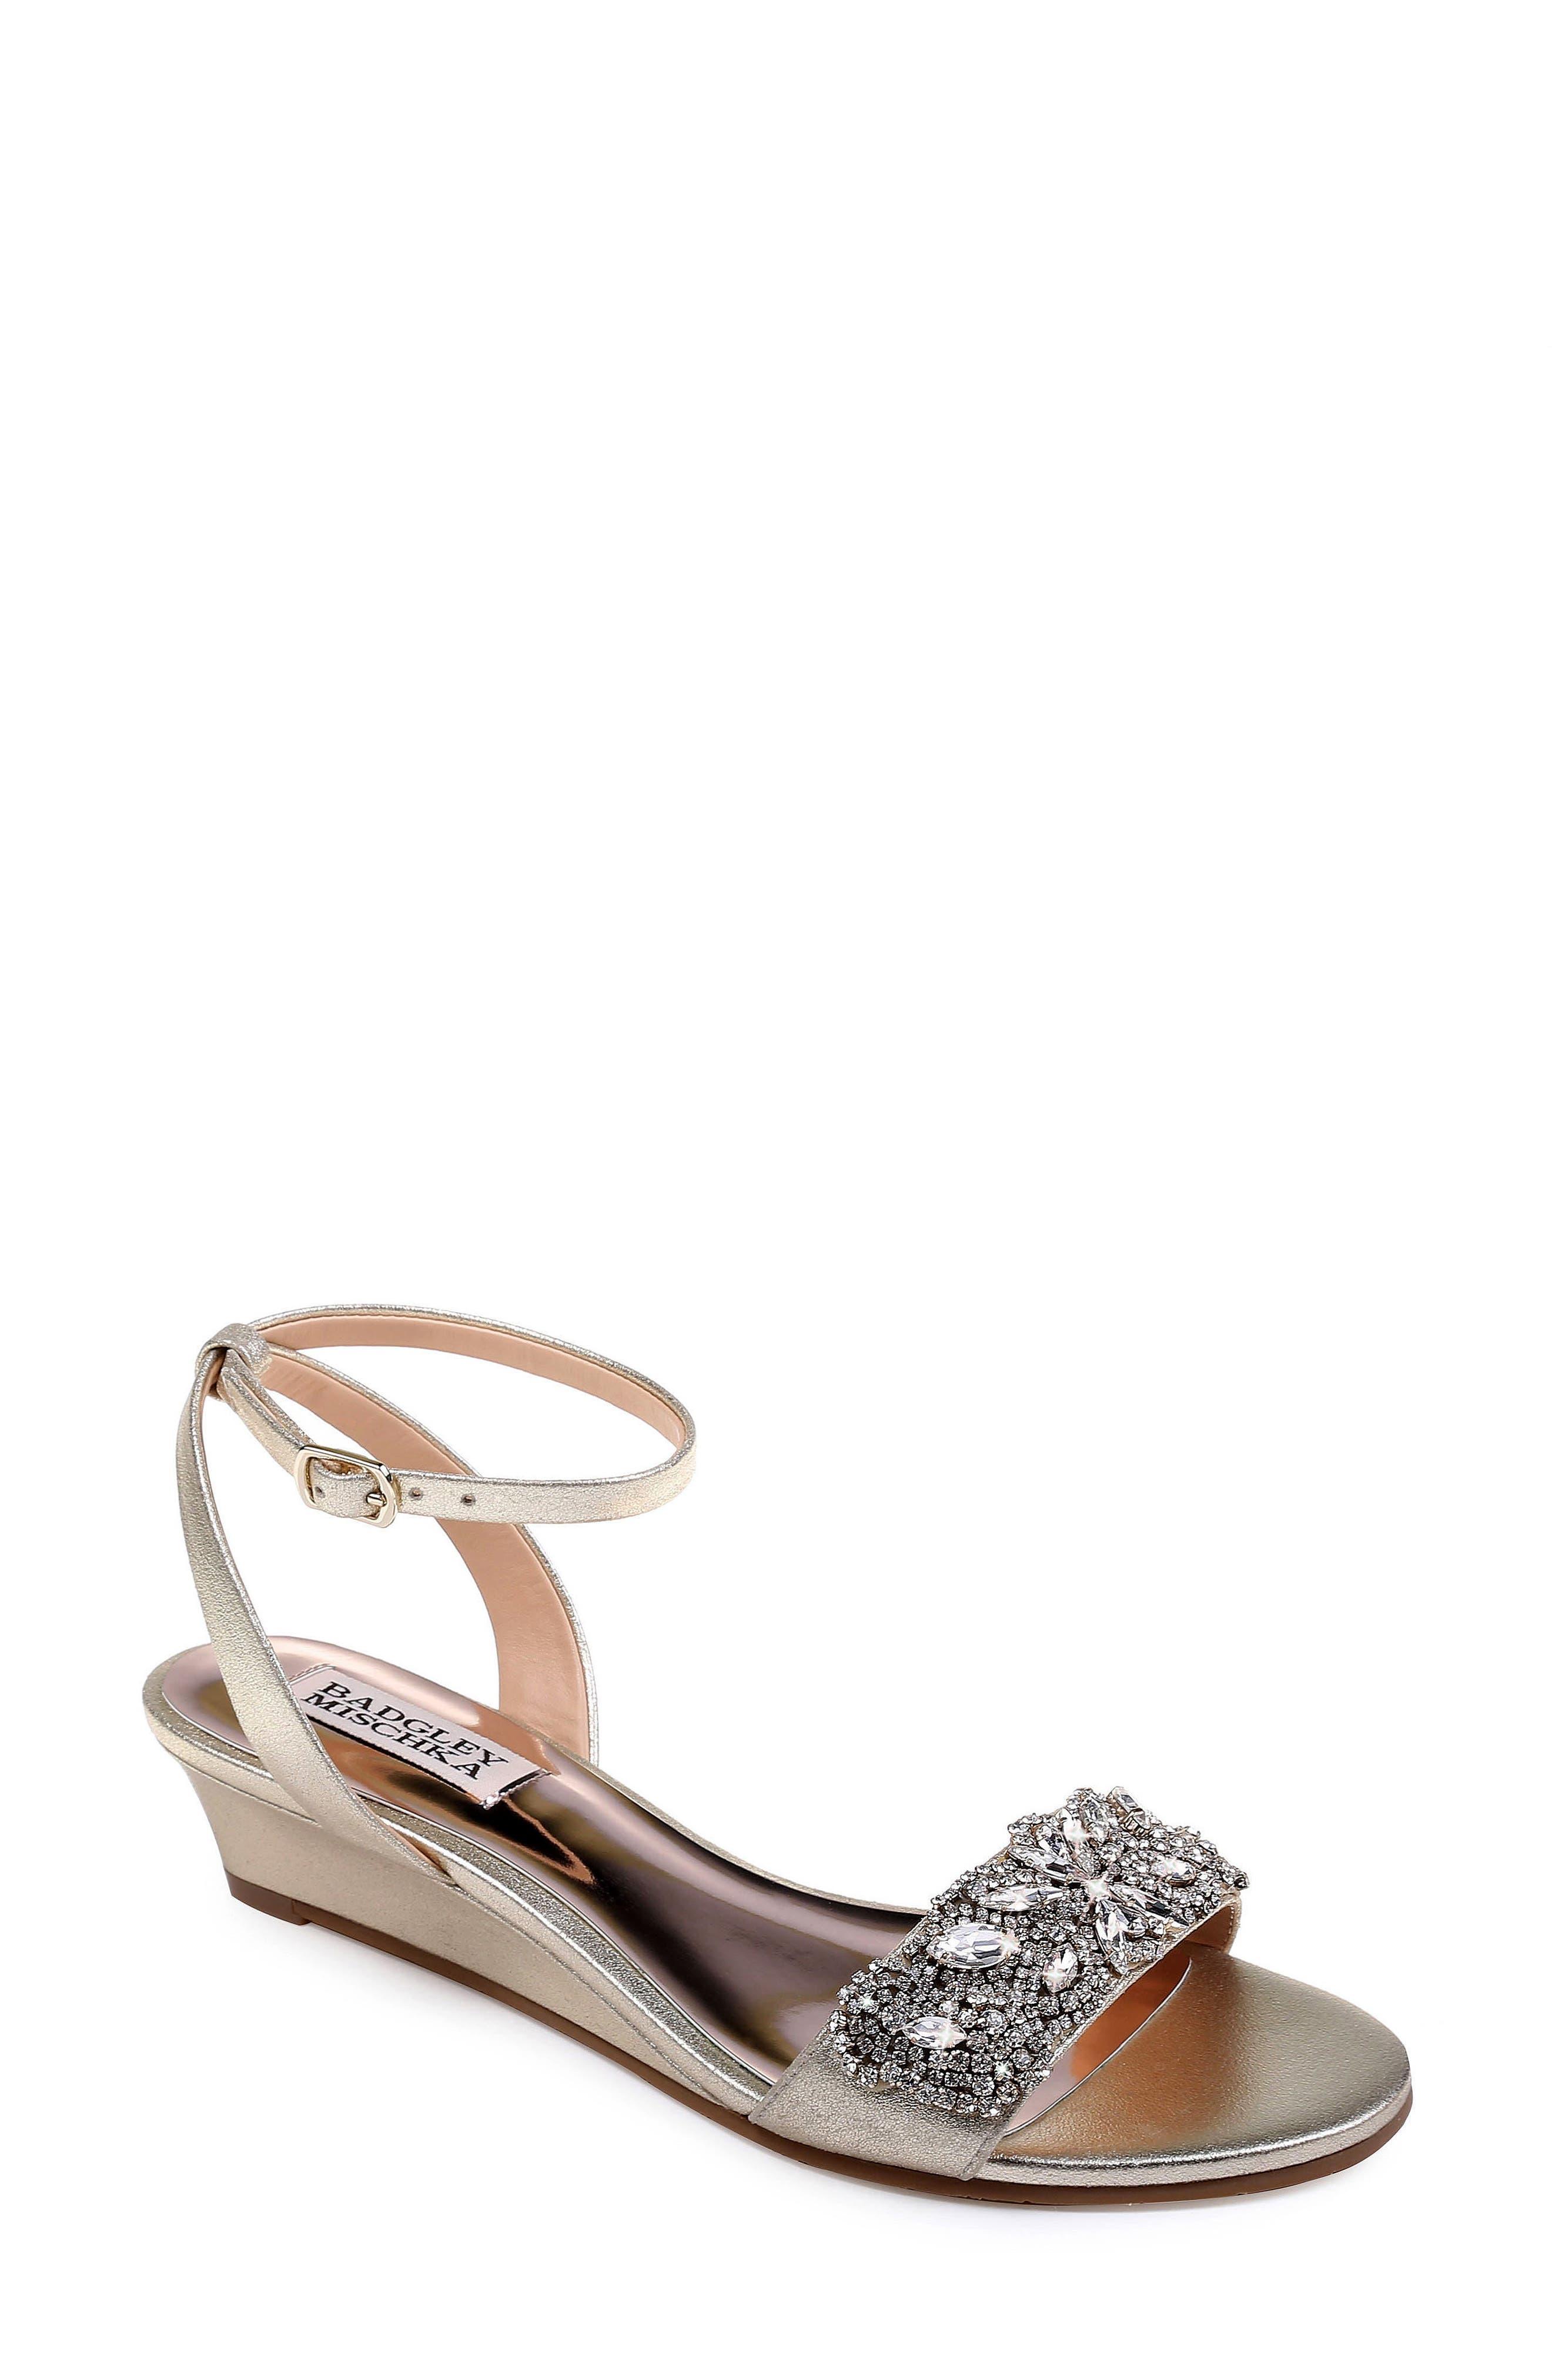 Badgley Mischka Hatch Crystal Embellished Sandal